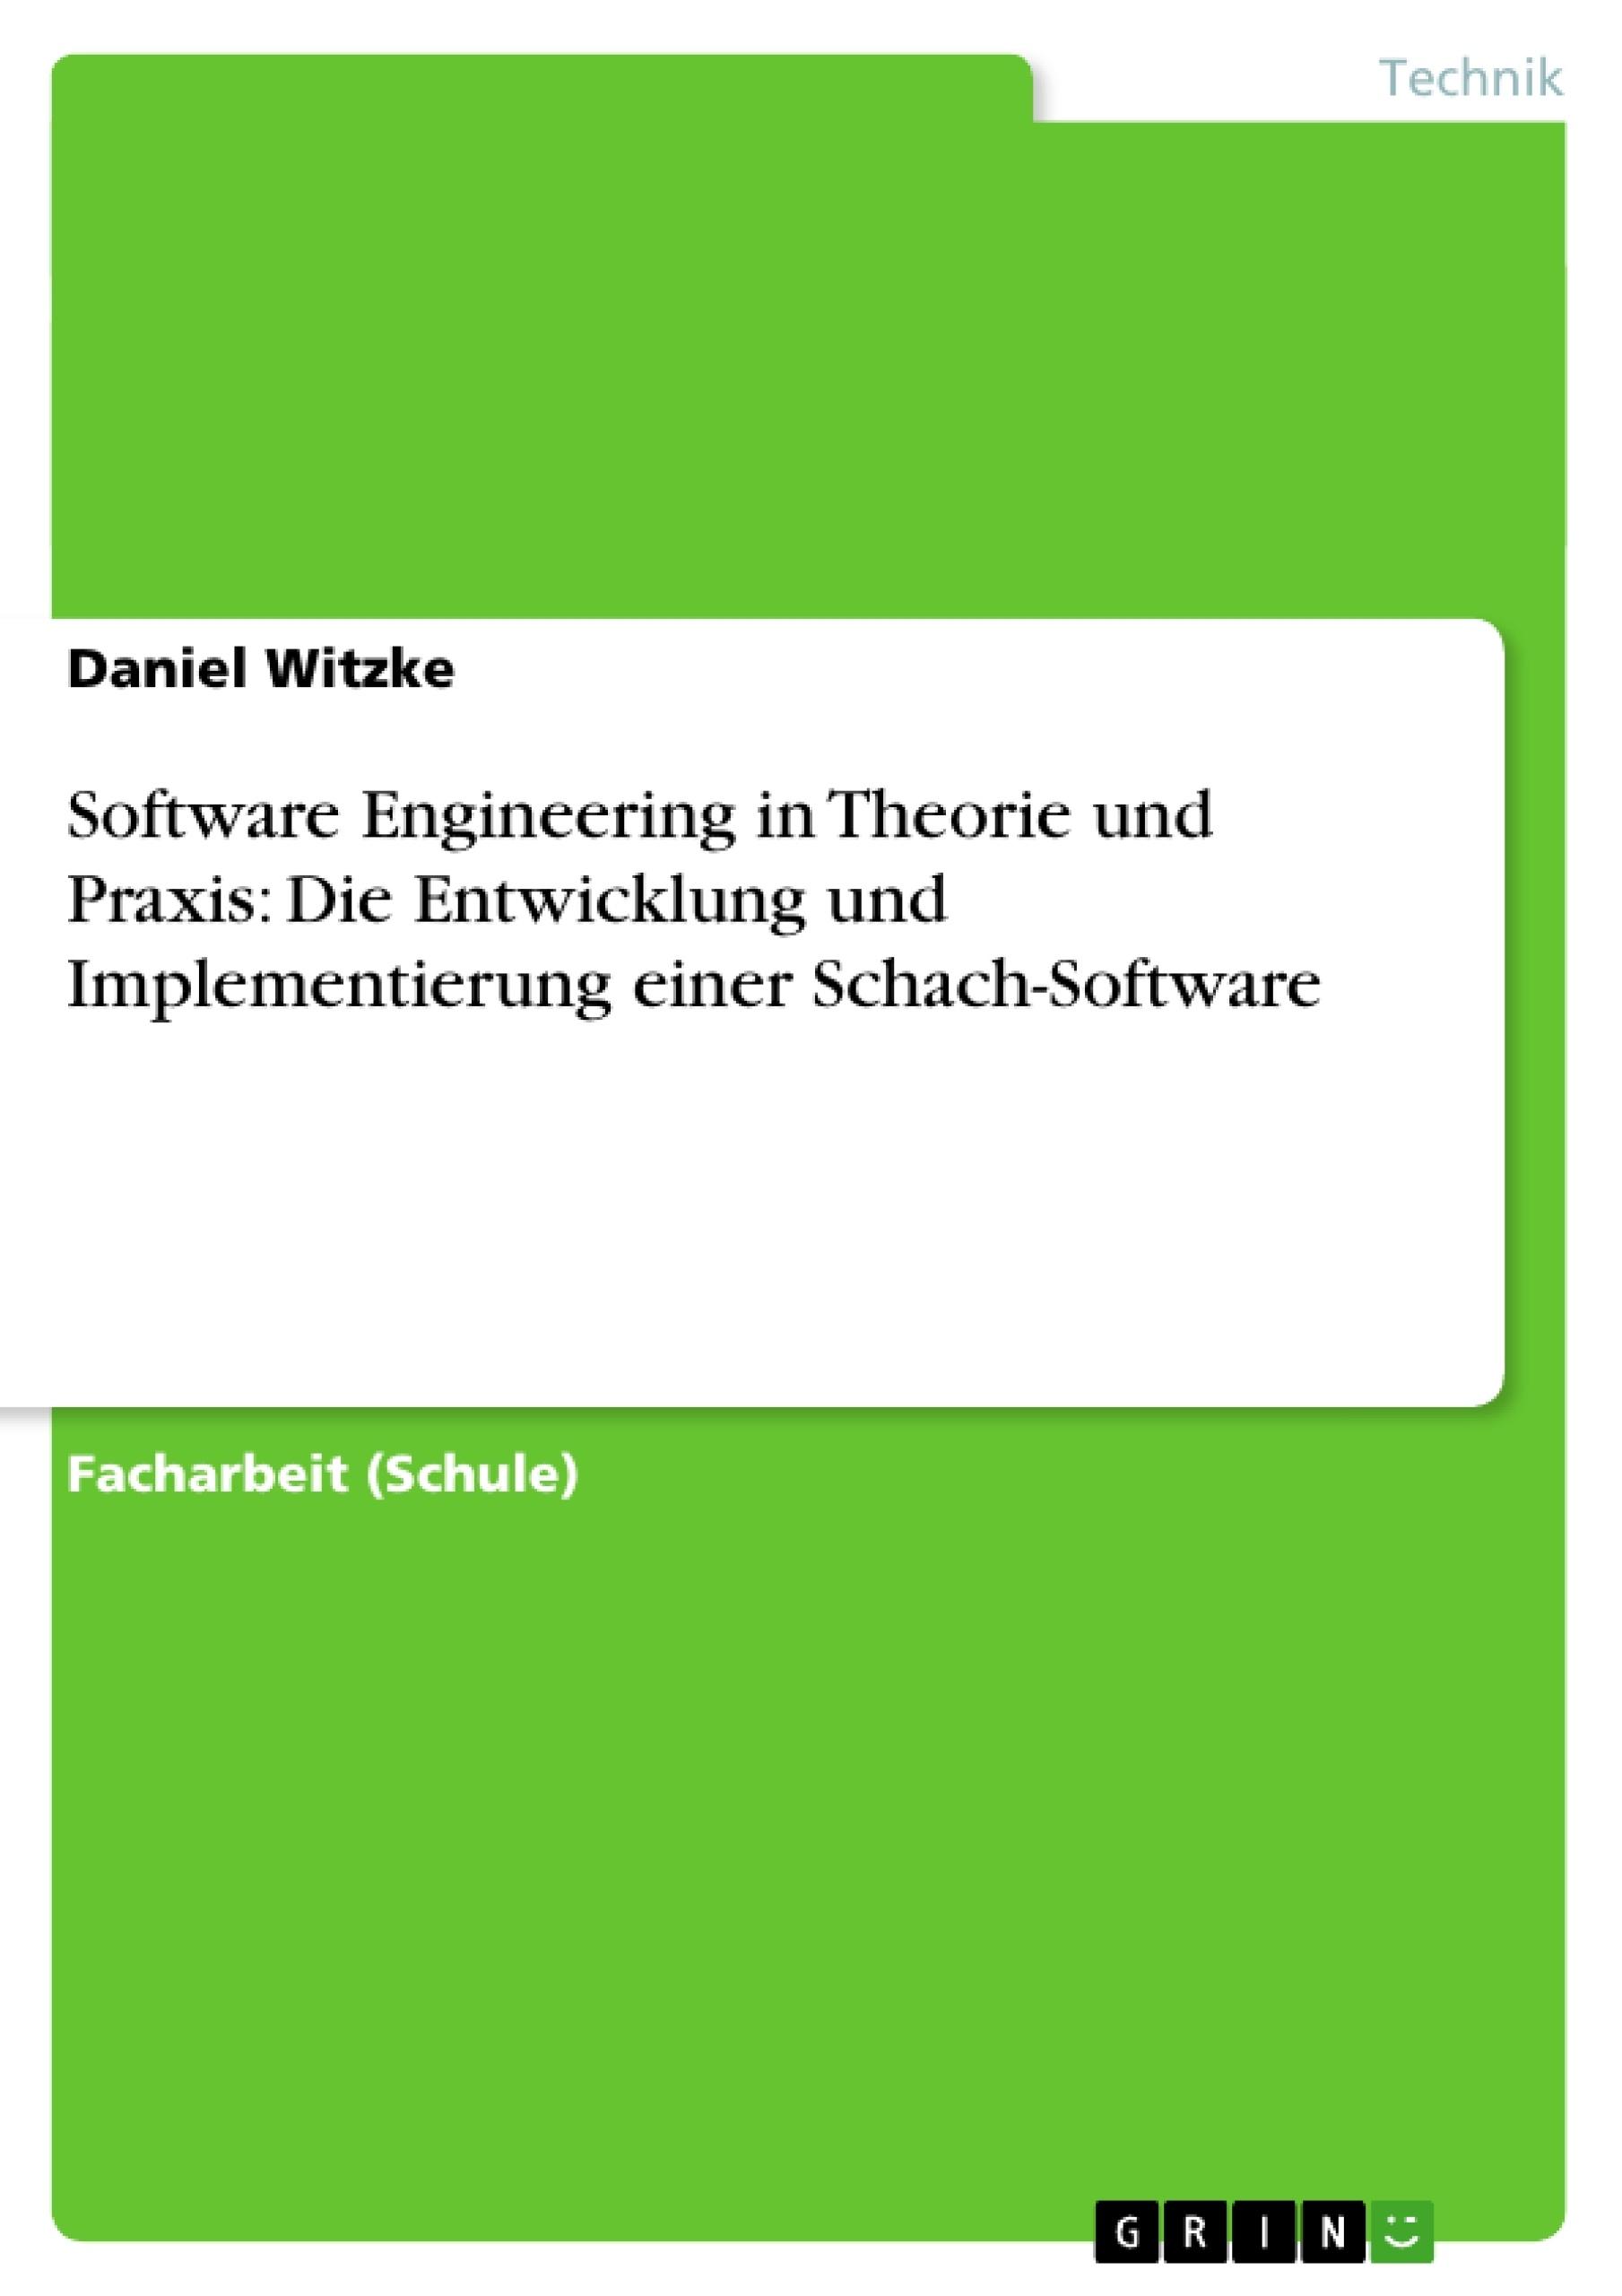 Titel: Software Engineering in Theorie und Praxis: Die Entwicklung und Implementierung einer Schach-Software